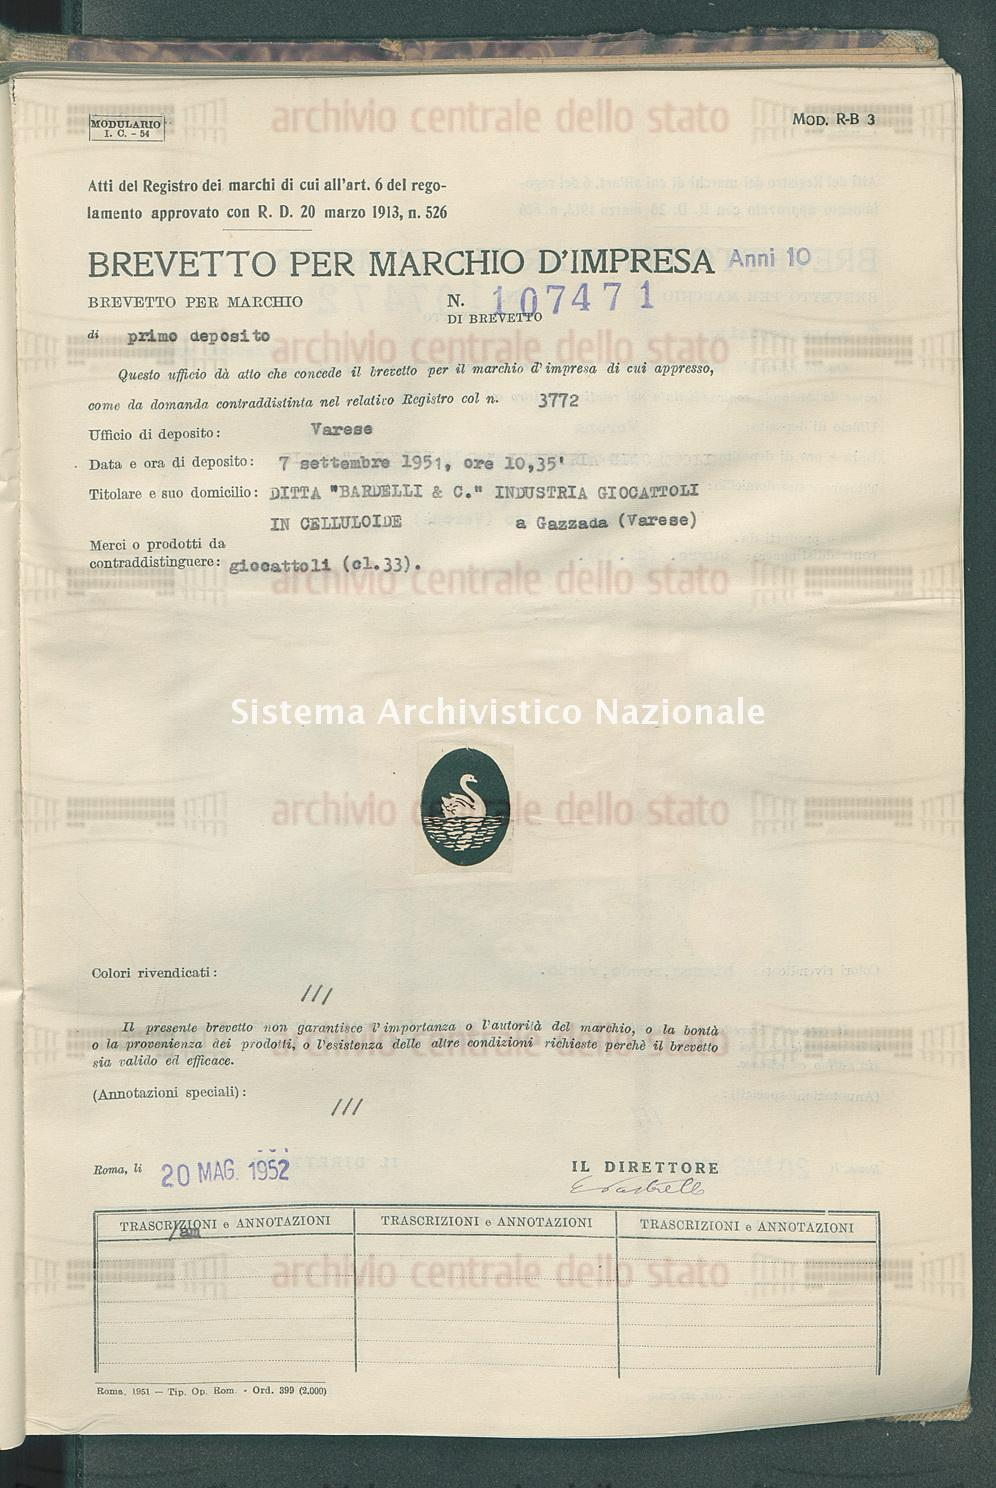 Giocattoli Ditta 'Bardelli & C.' Industria Giocattoli In Celluloide (20/05/1952)